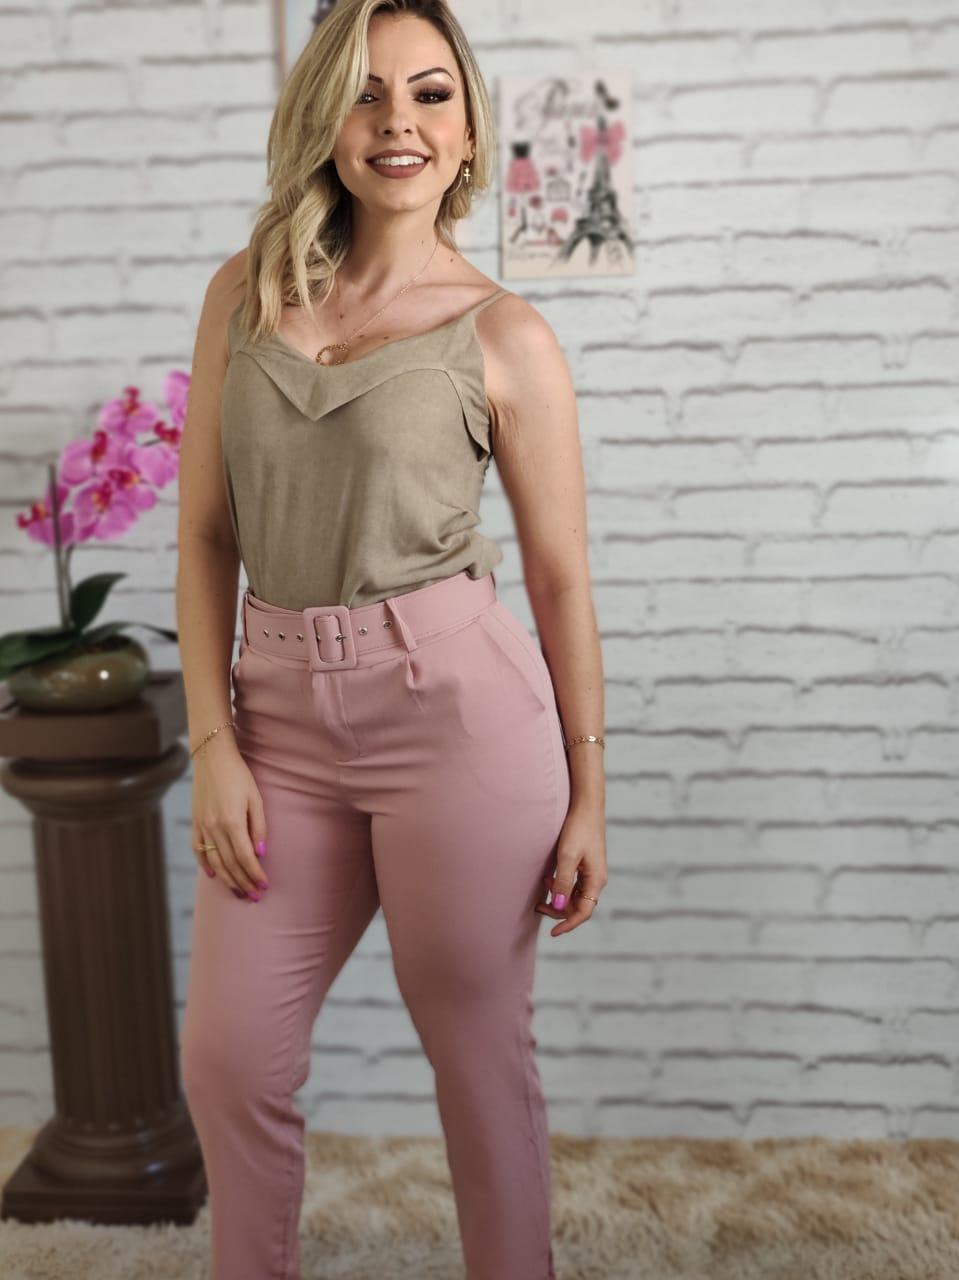 Blusa Alça Detalhe Colo Bege + Calça Skinny Cinto Encapado Rosa